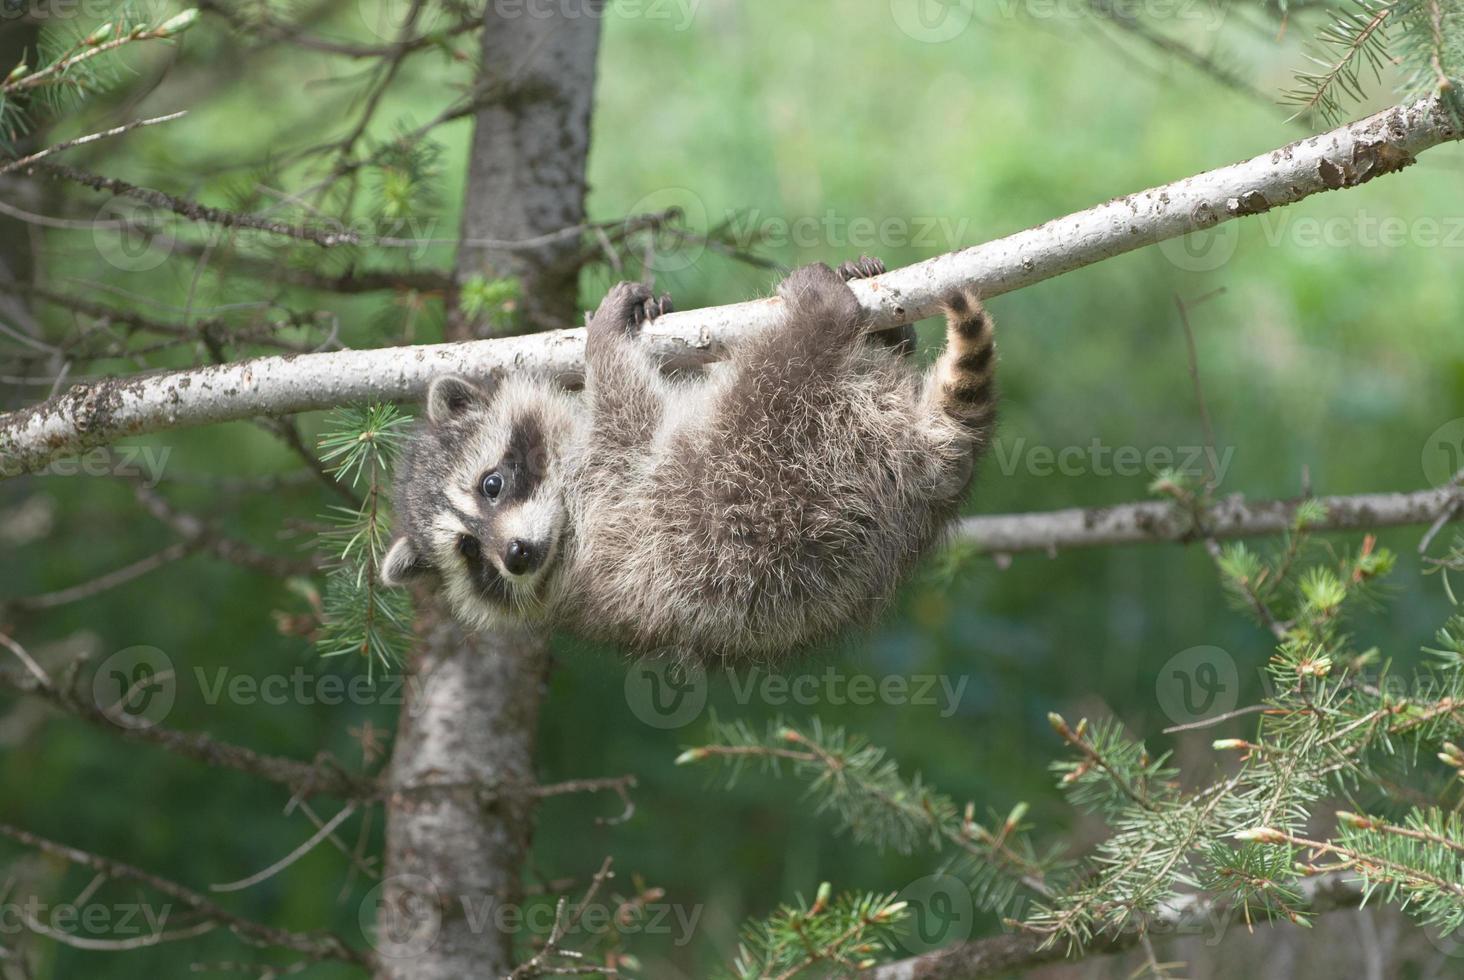 mapache bebé en árbol foto